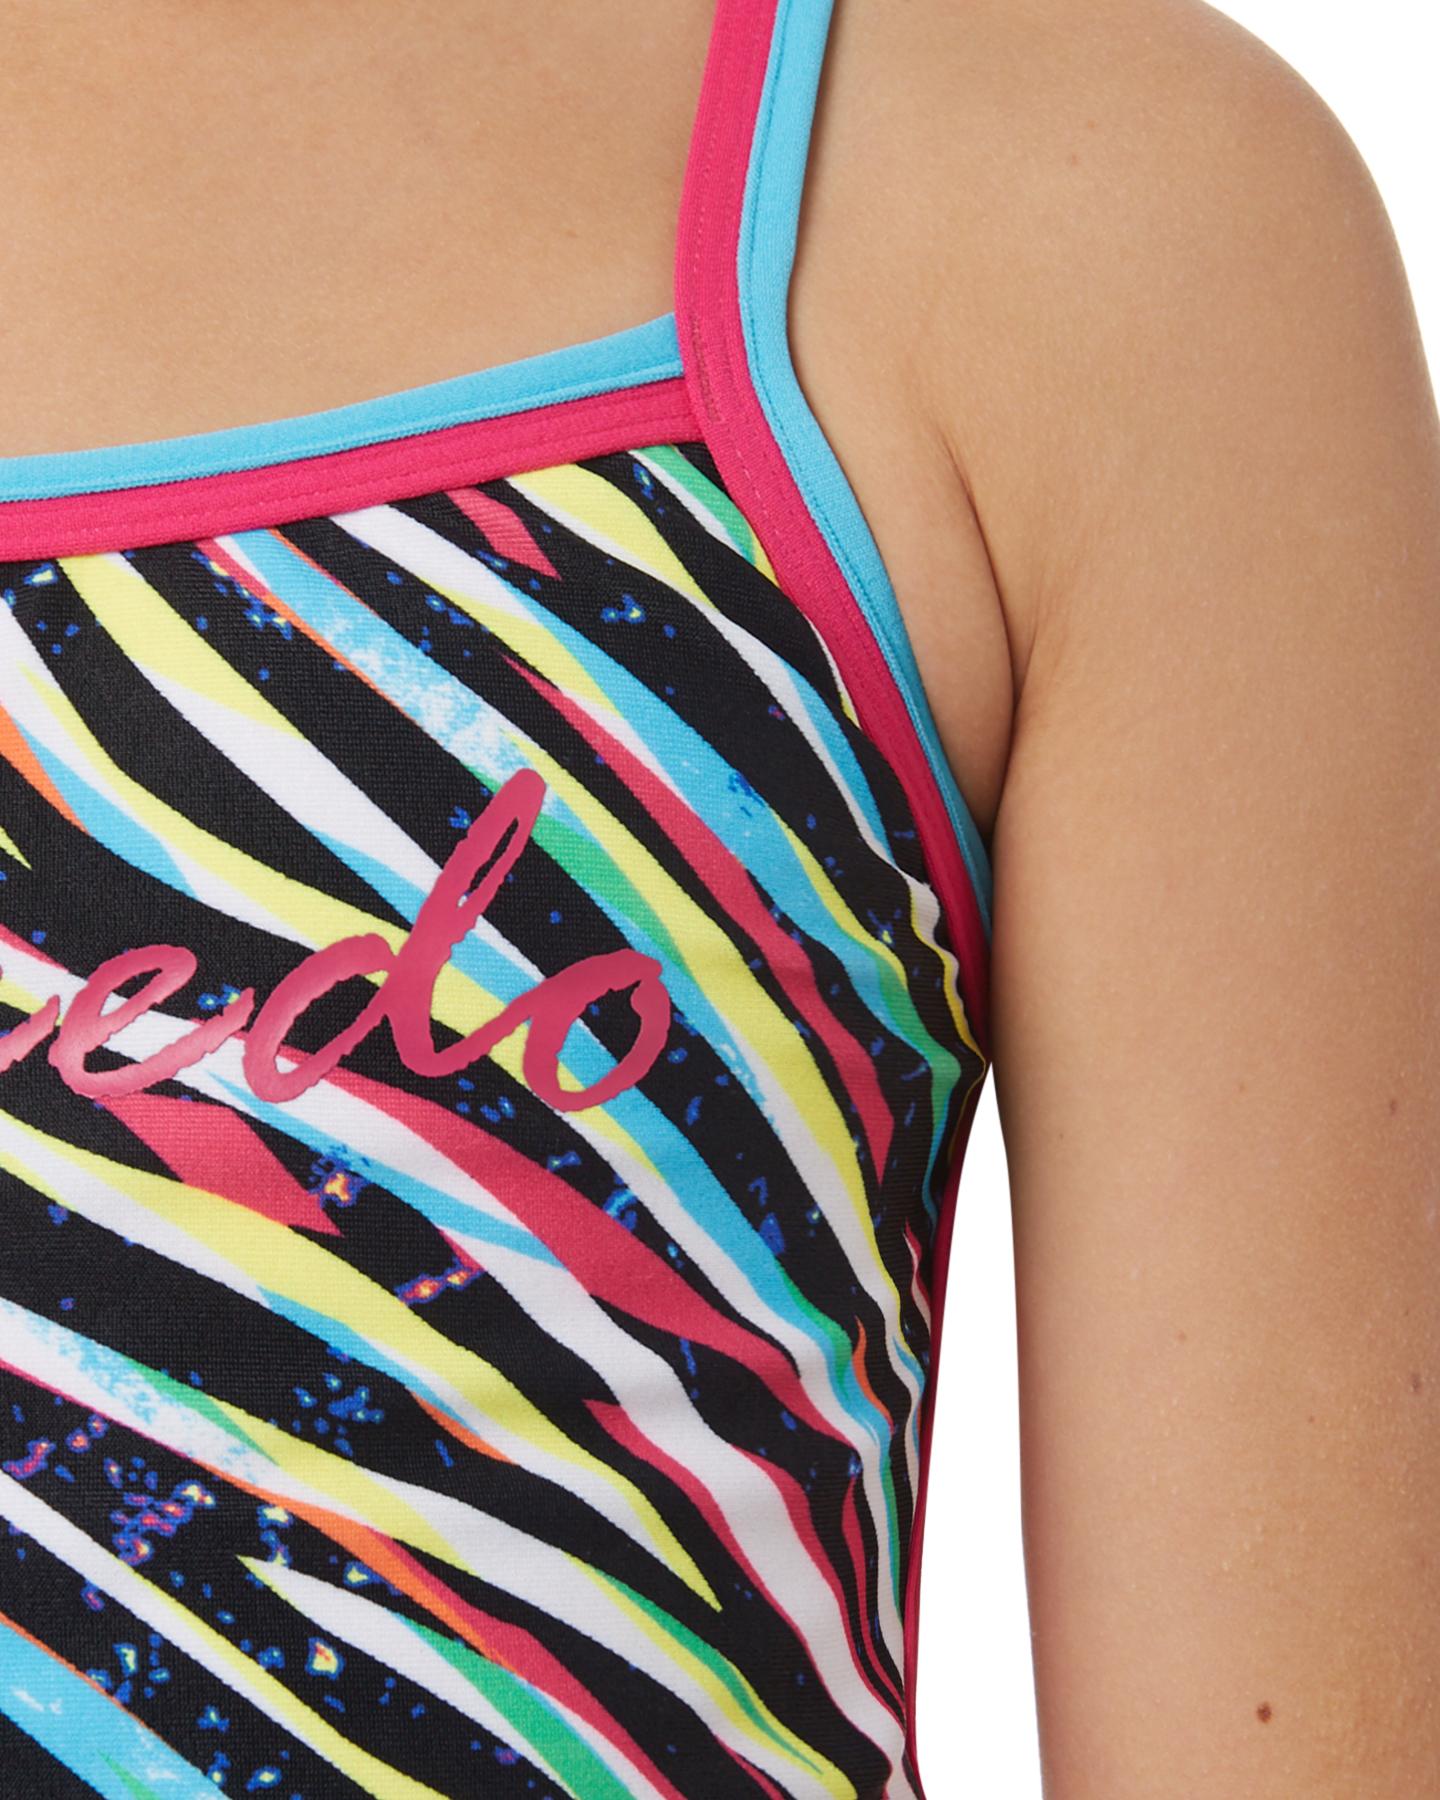 17e5ea0f23fe5 Speedo Girls Girls Zebra Streak Sierra One Piece Lace Fitted